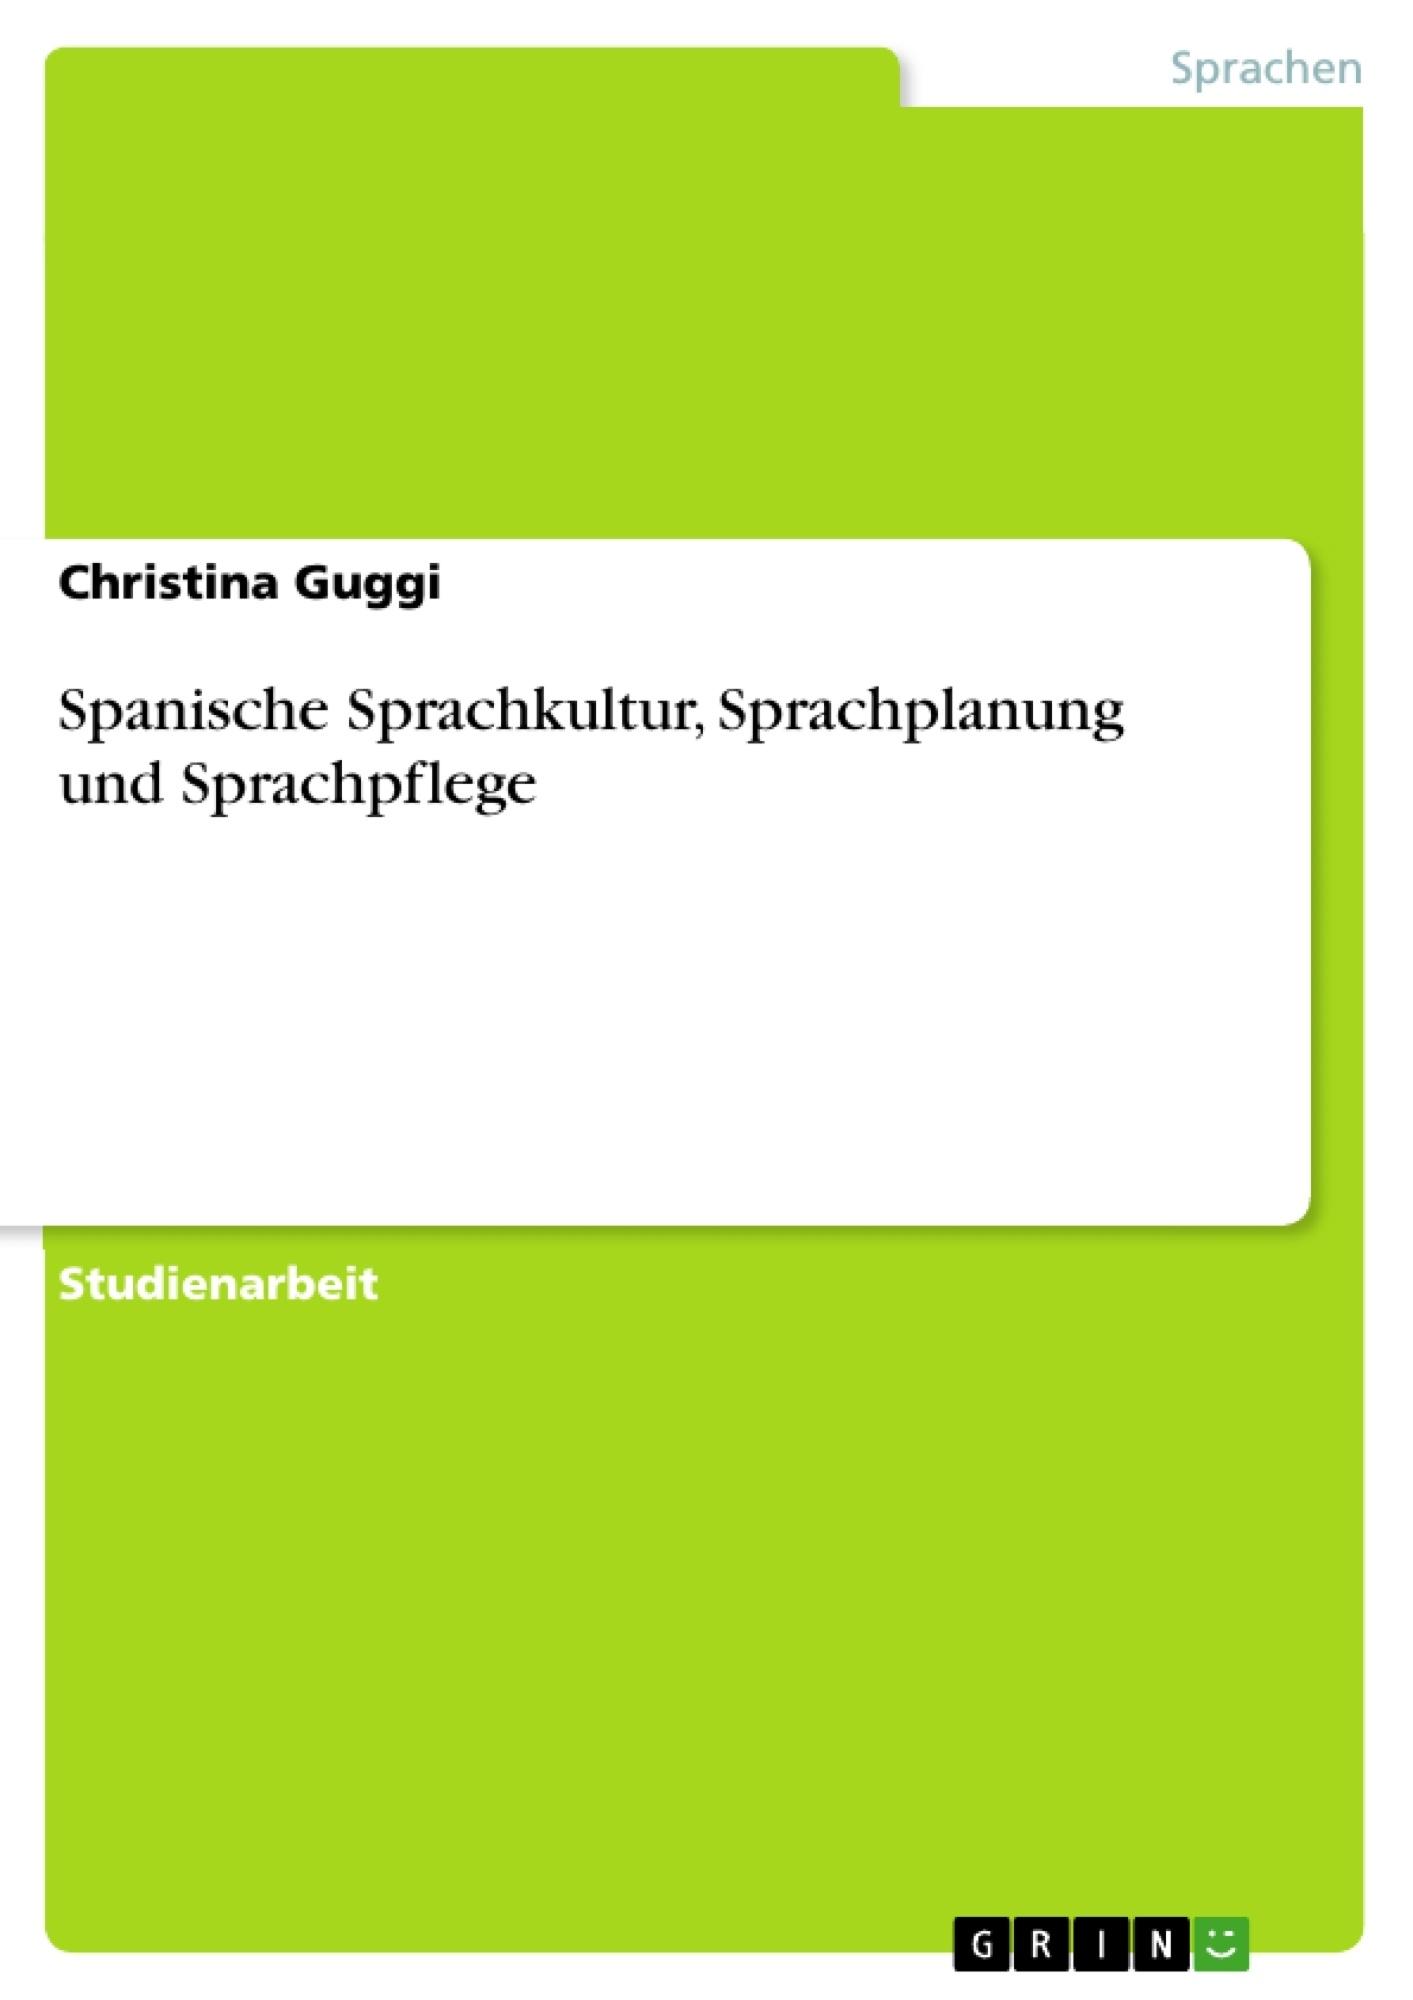 Titel: Spanische Sprachkultur, Sprachplanung und Sprachpflege